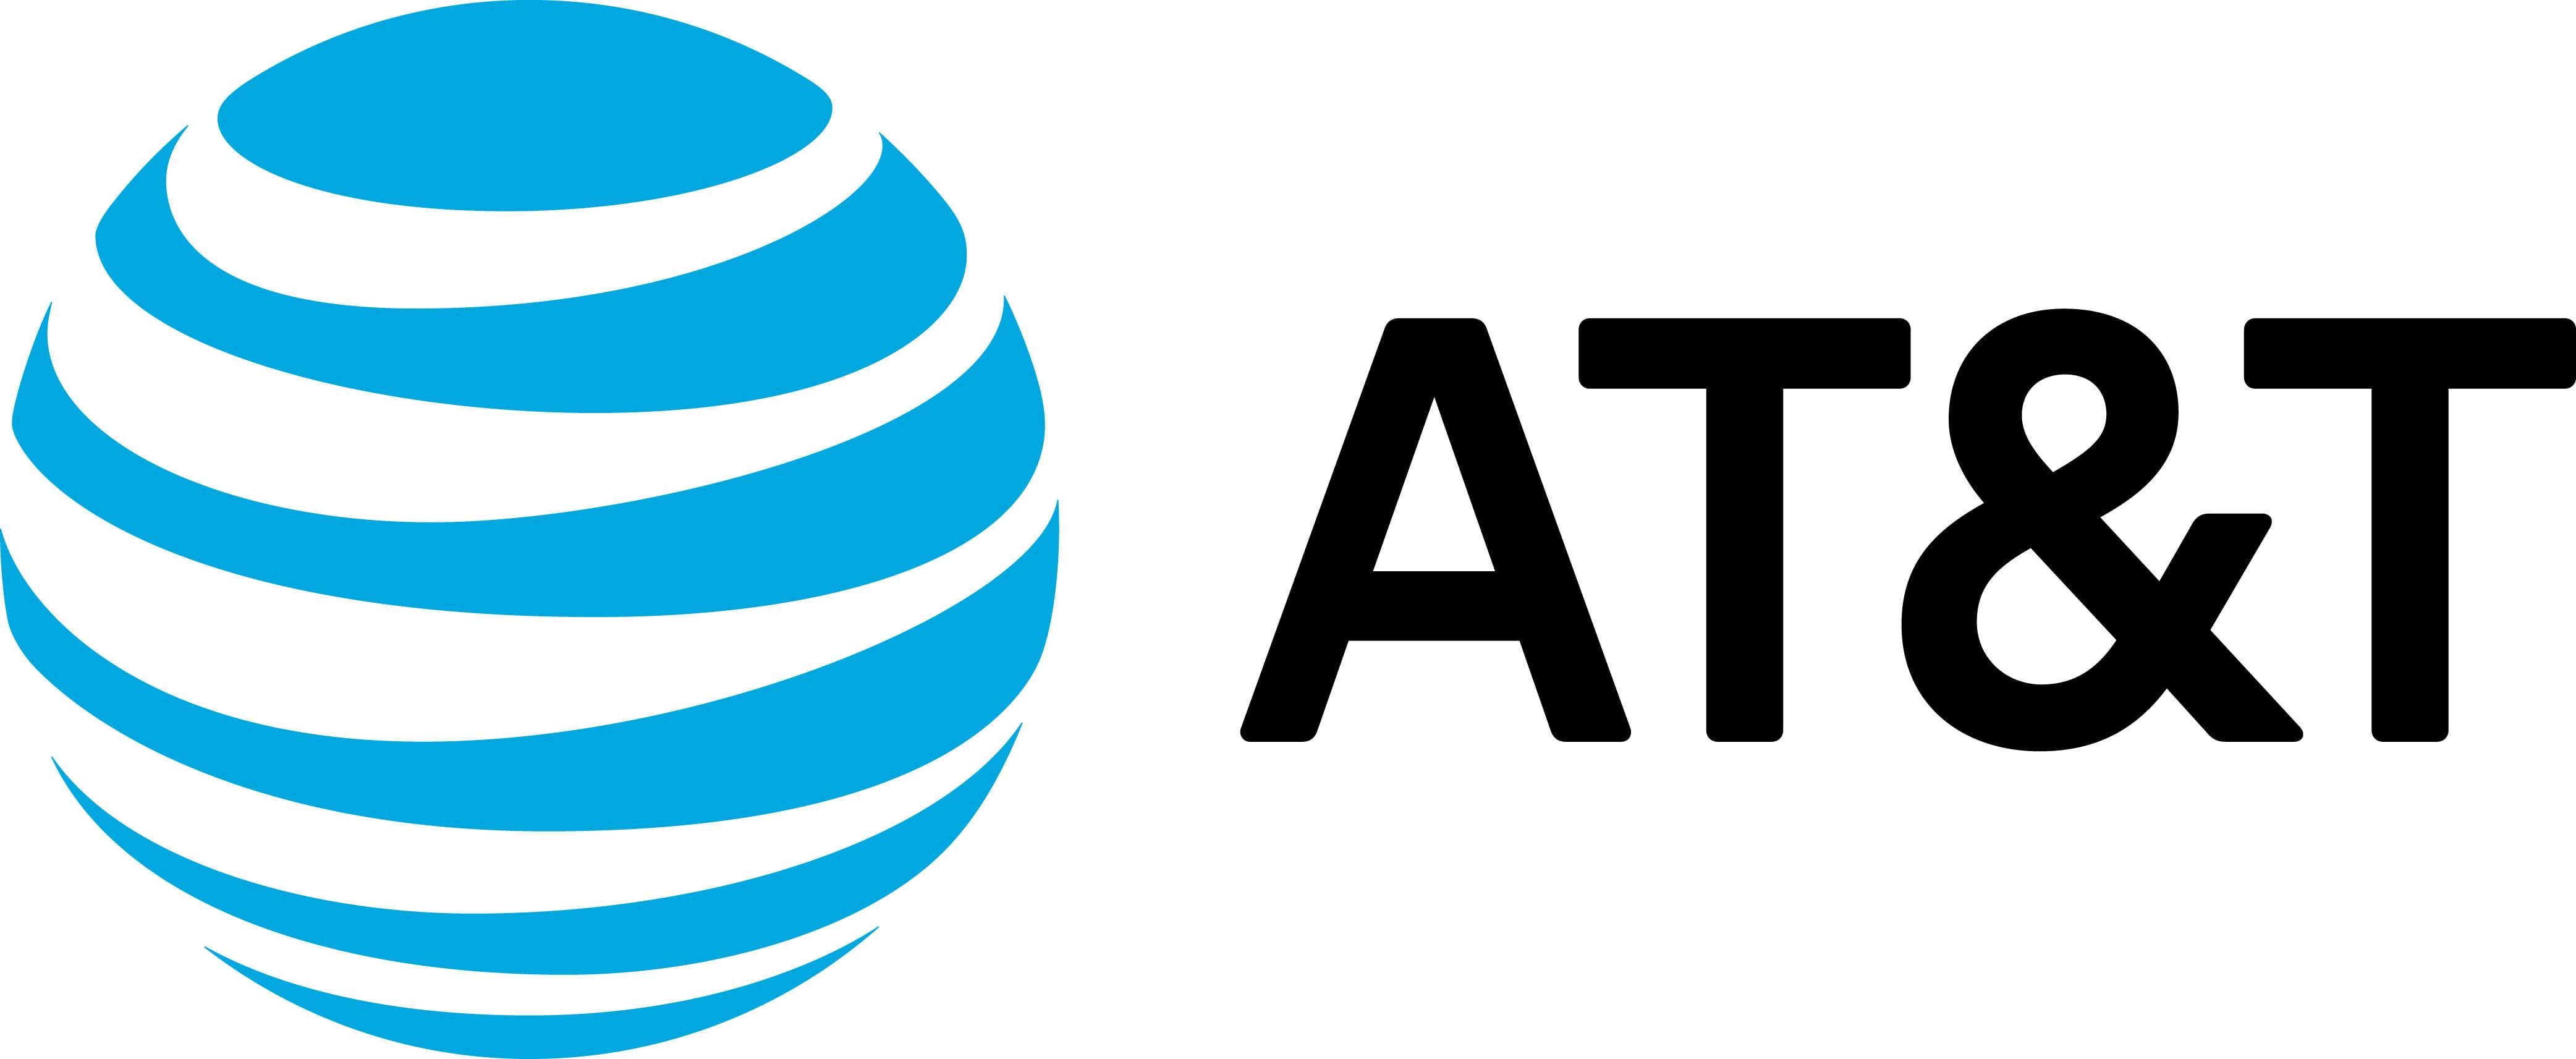 AT&T_logo_2016